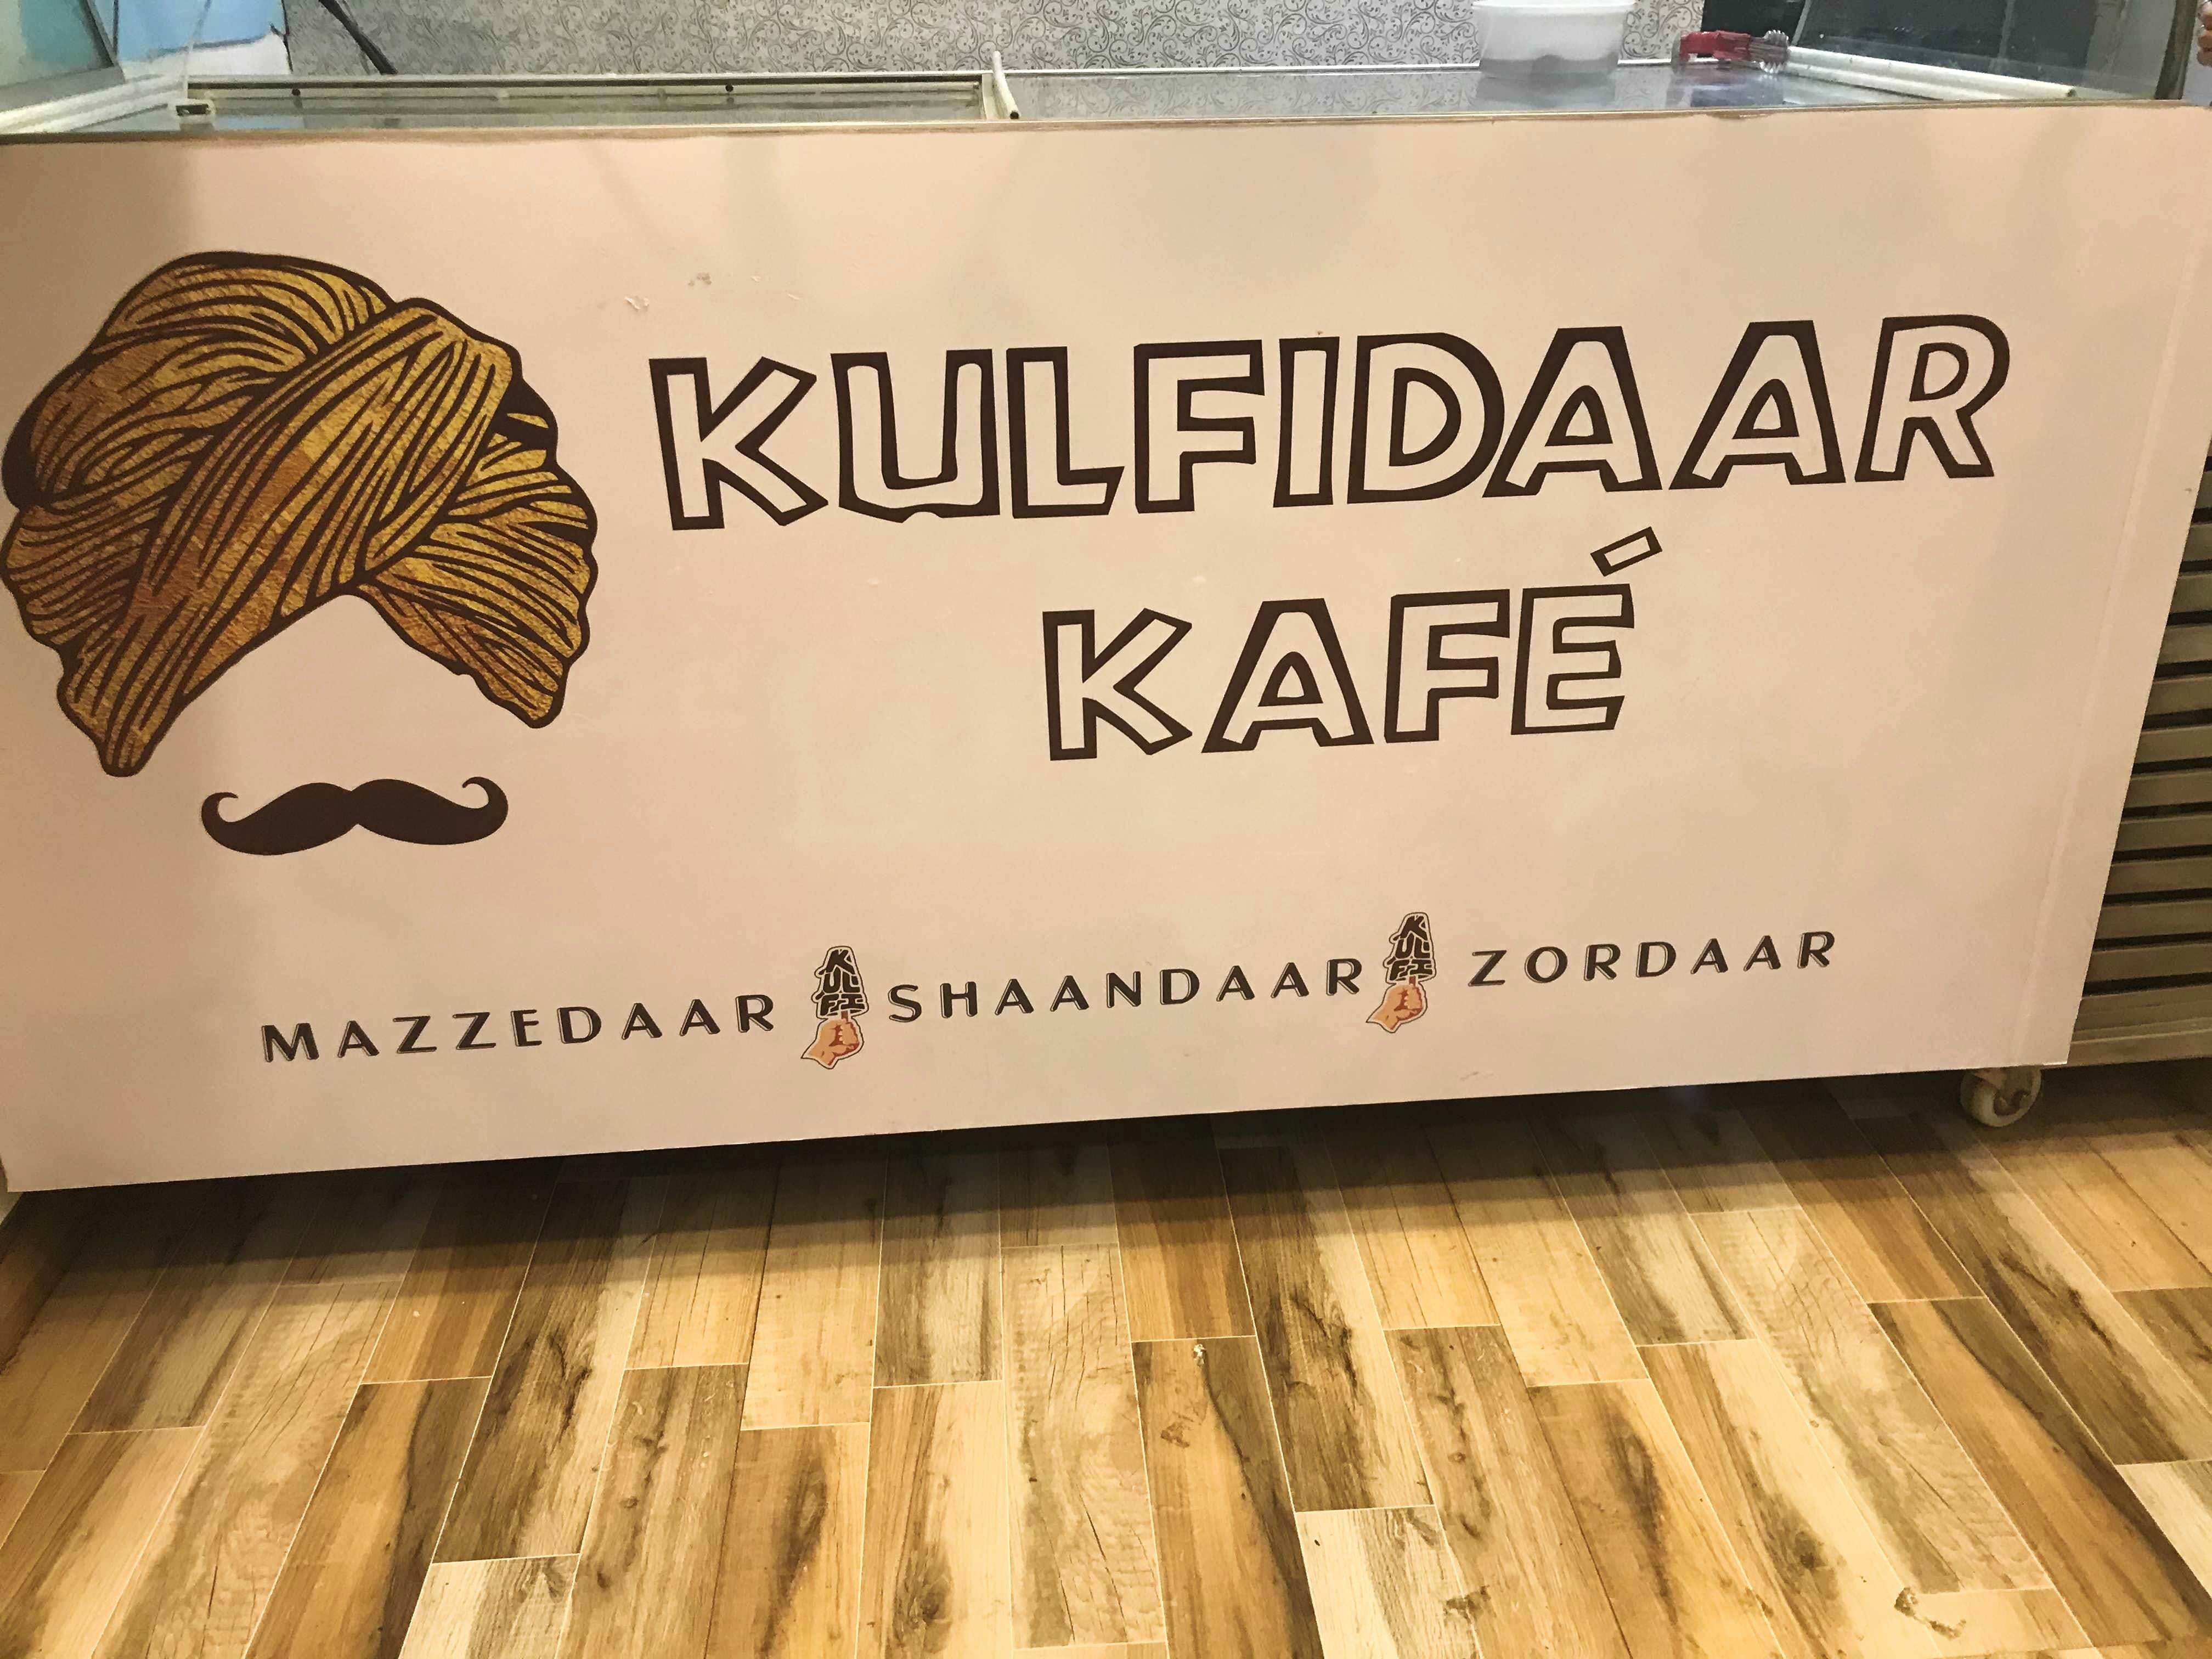 image - Kulfidaar Kafe